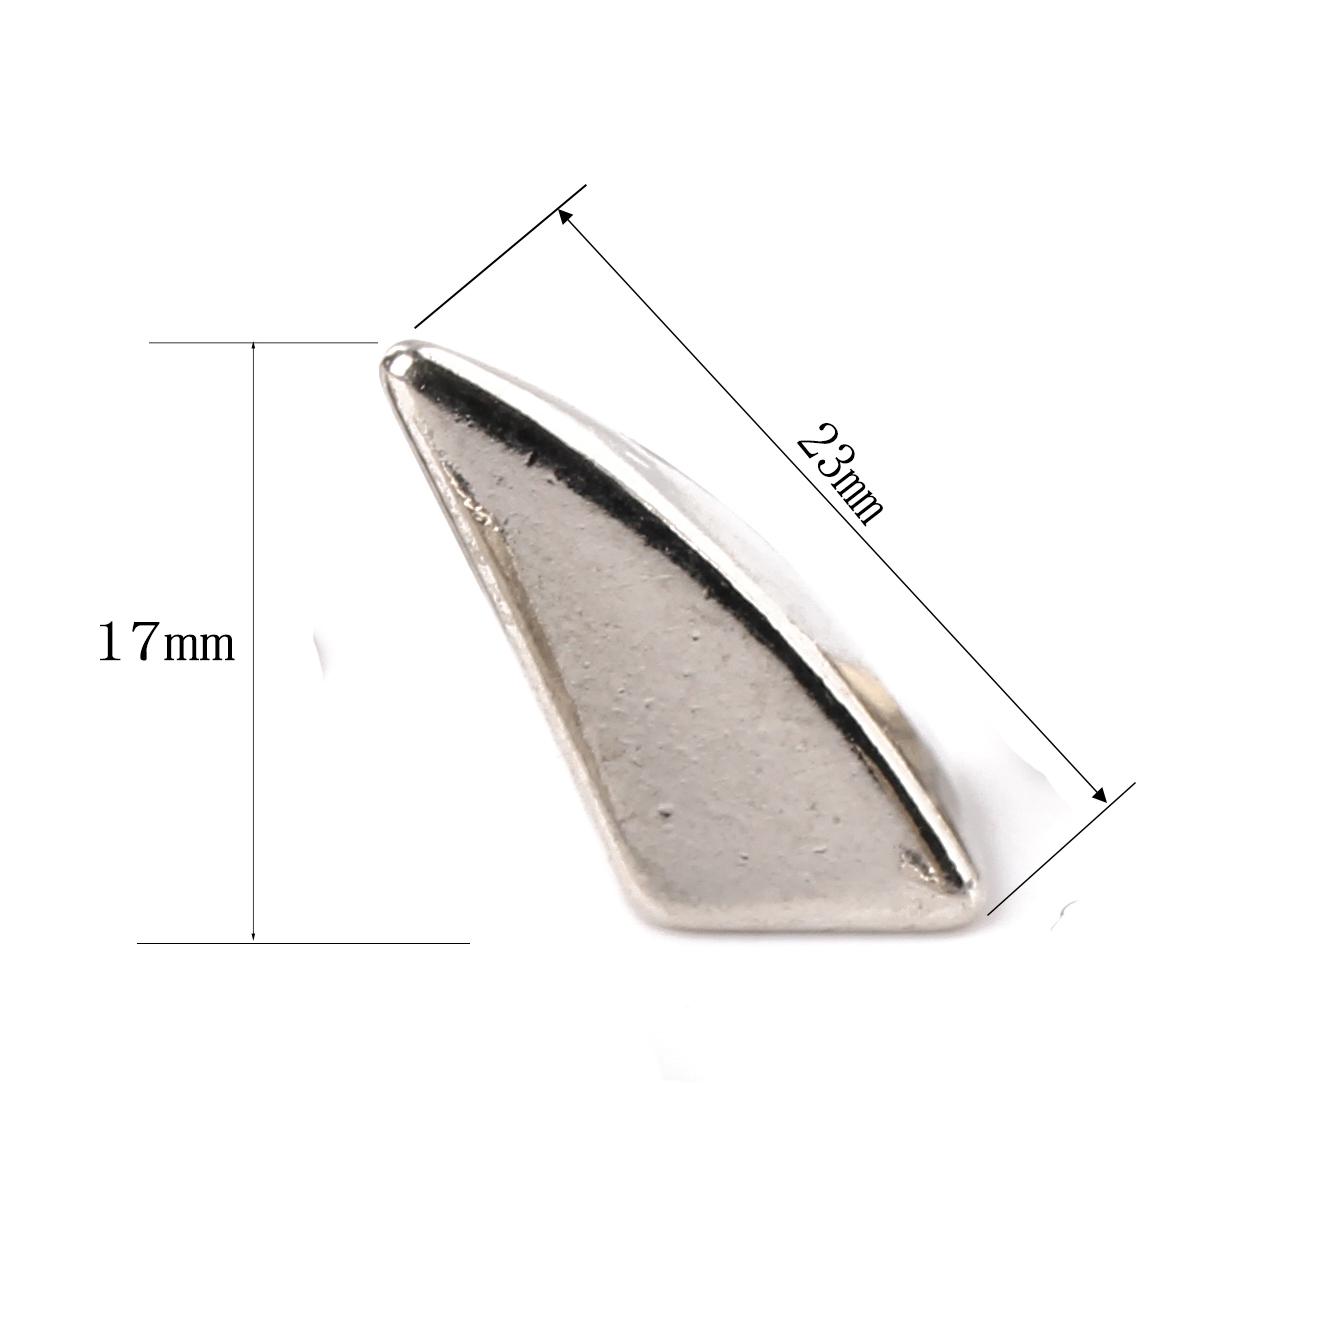 18mm27mm Black Rivet Stud Shiny Screwback Studs Metal Shark Fin Dragon Claw Spike Studs Punk Diy Claw Rivets Spikes Screw Back Rivets Spike